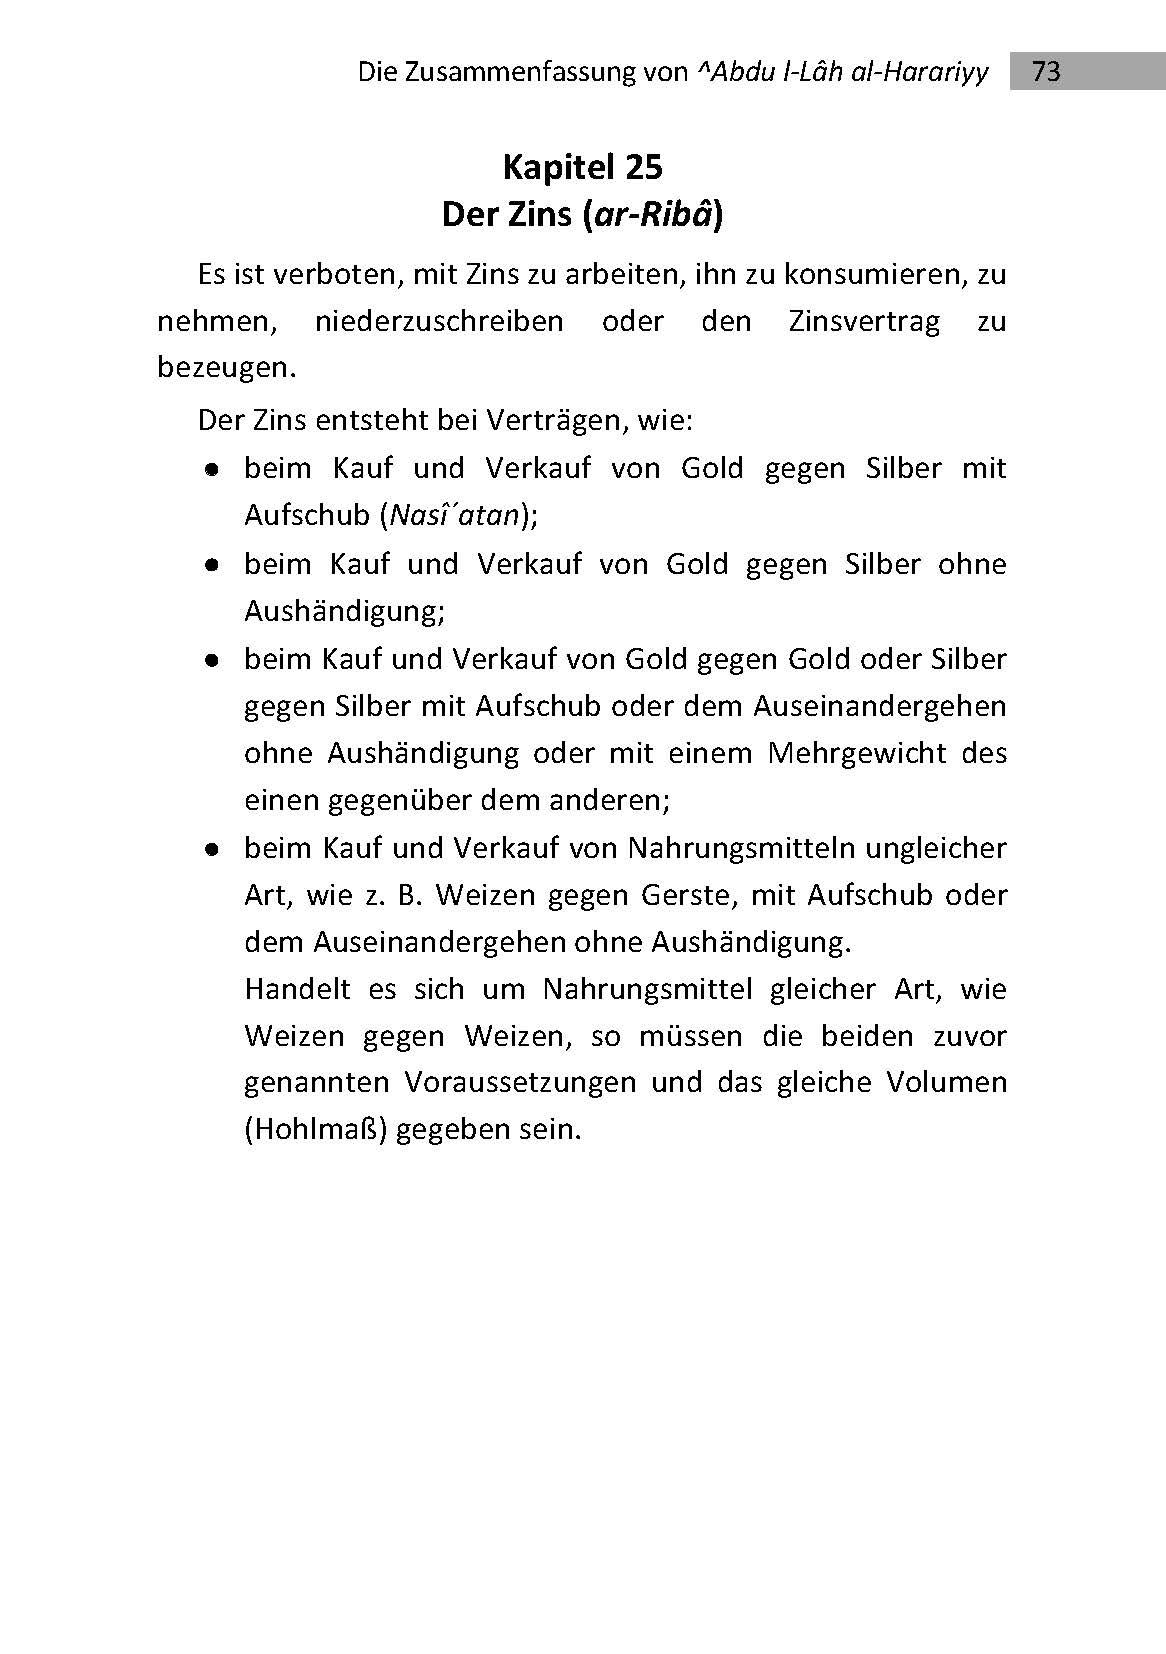 Die Zusammenfassung - 3. Auflage 2014_Seite_73